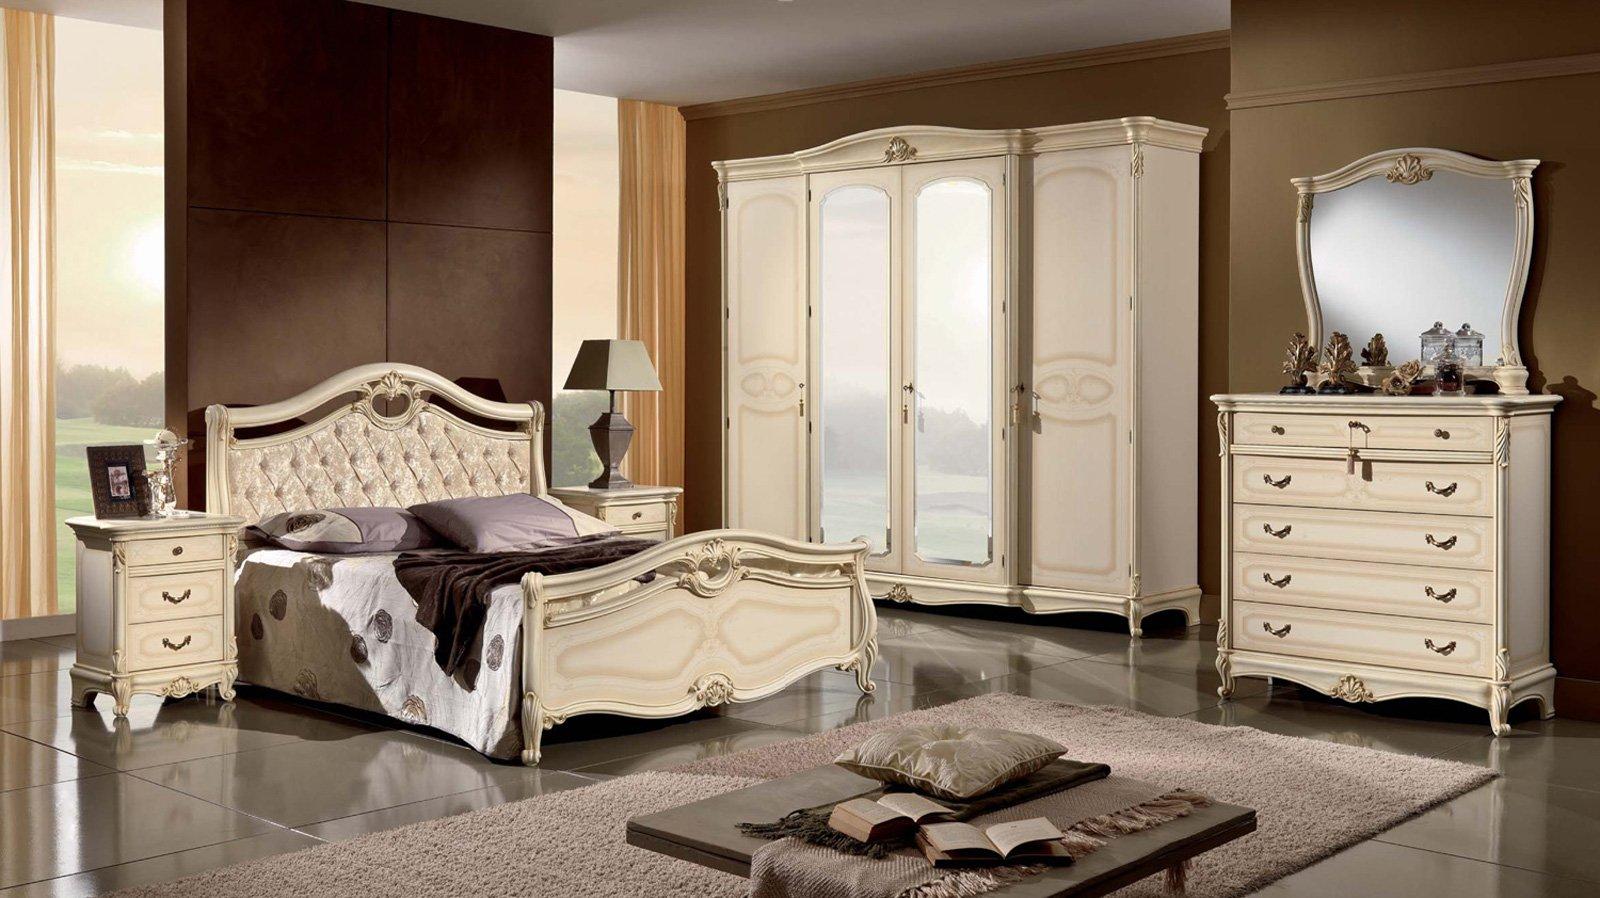 Cassettiere moderne e classiche cose di casa for Marche mobili camere da letto